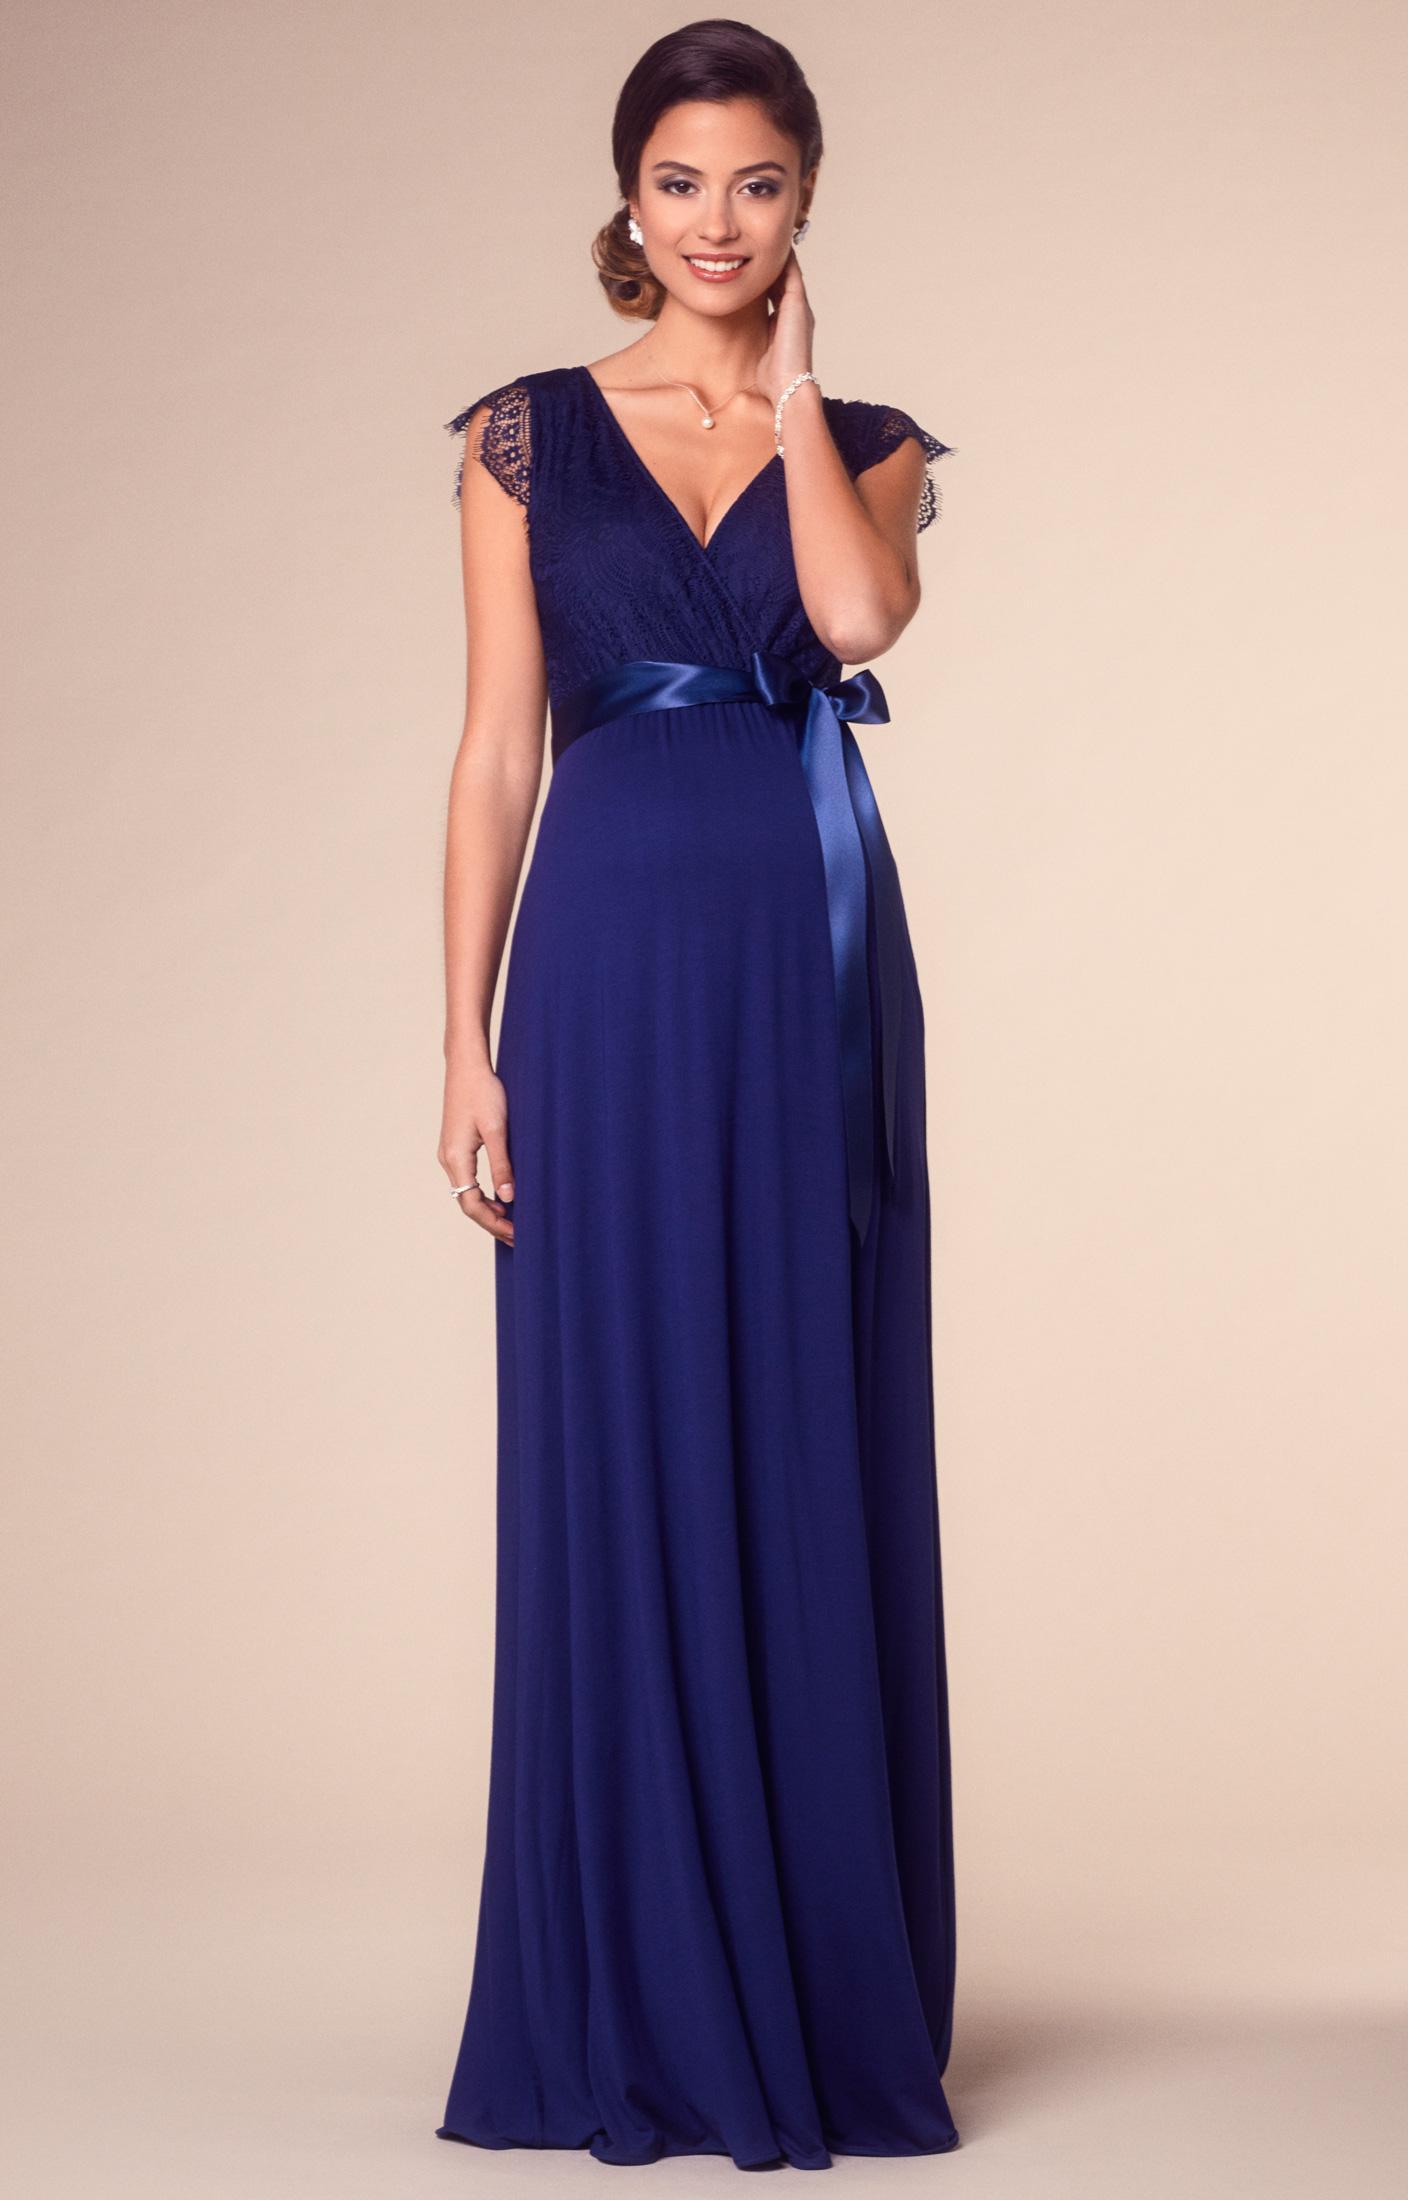 Robe bleu indigo